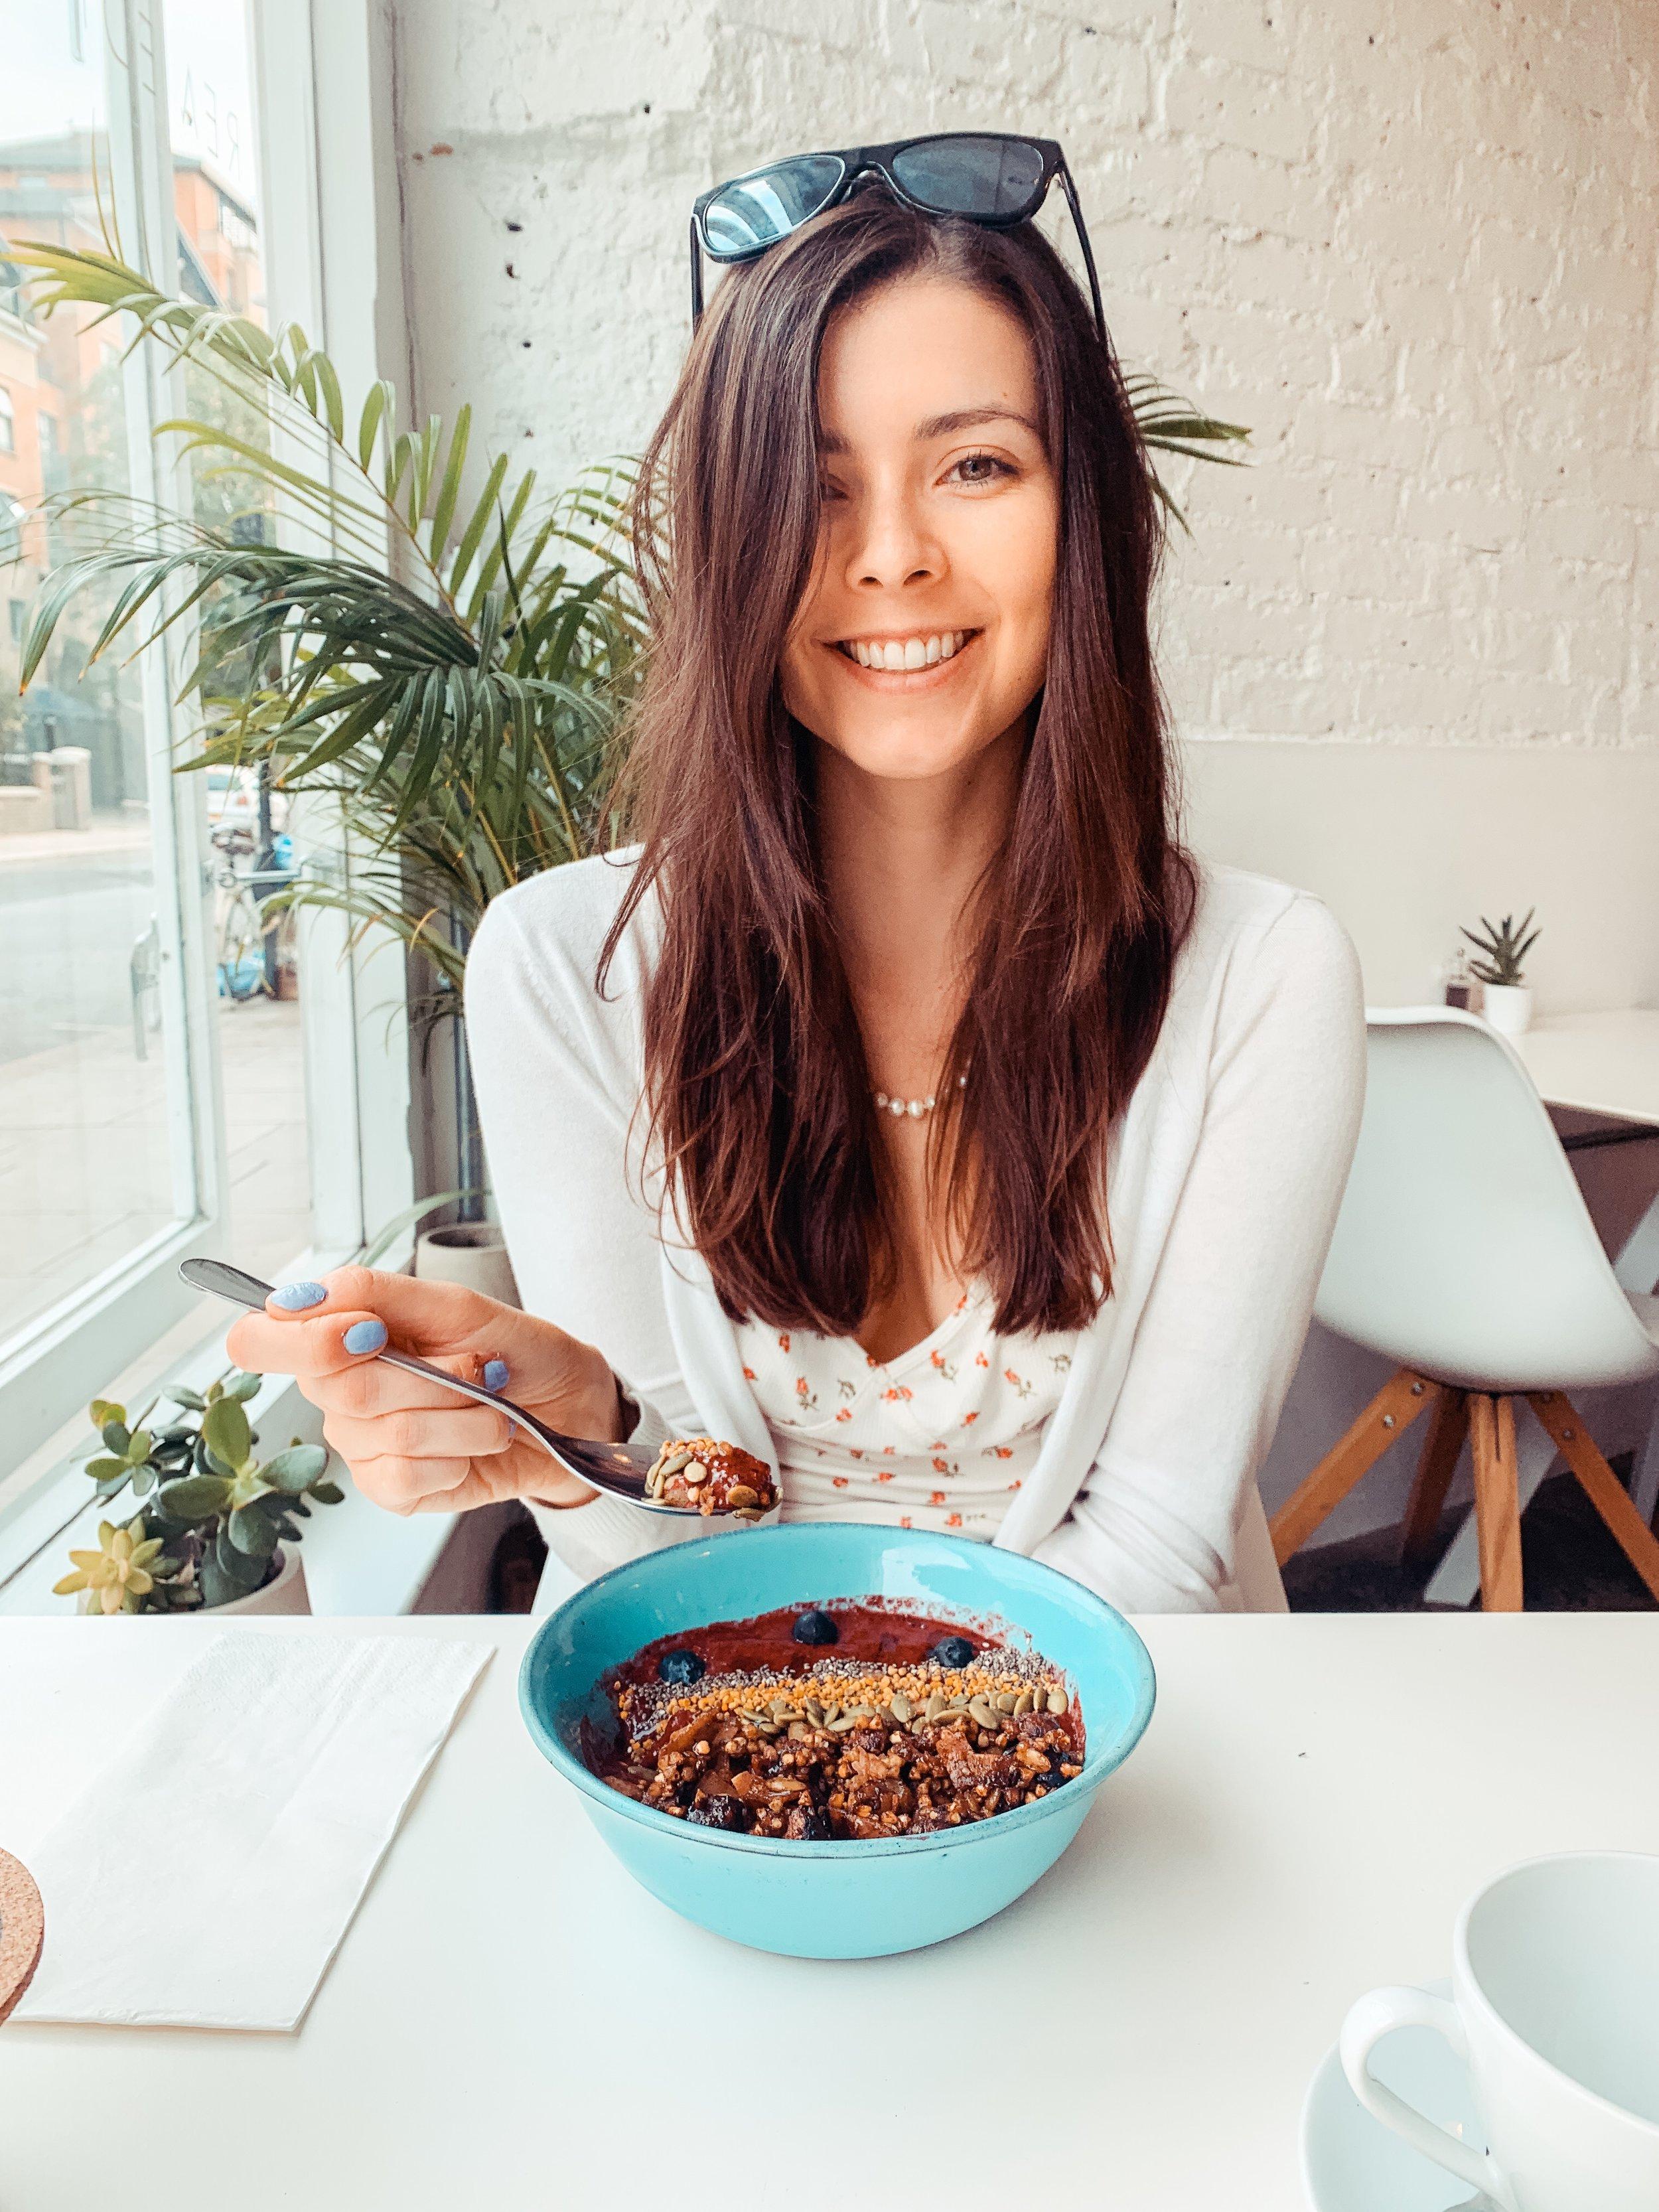 #sophieshealthykitchen - NutritionistFind me: Instagram